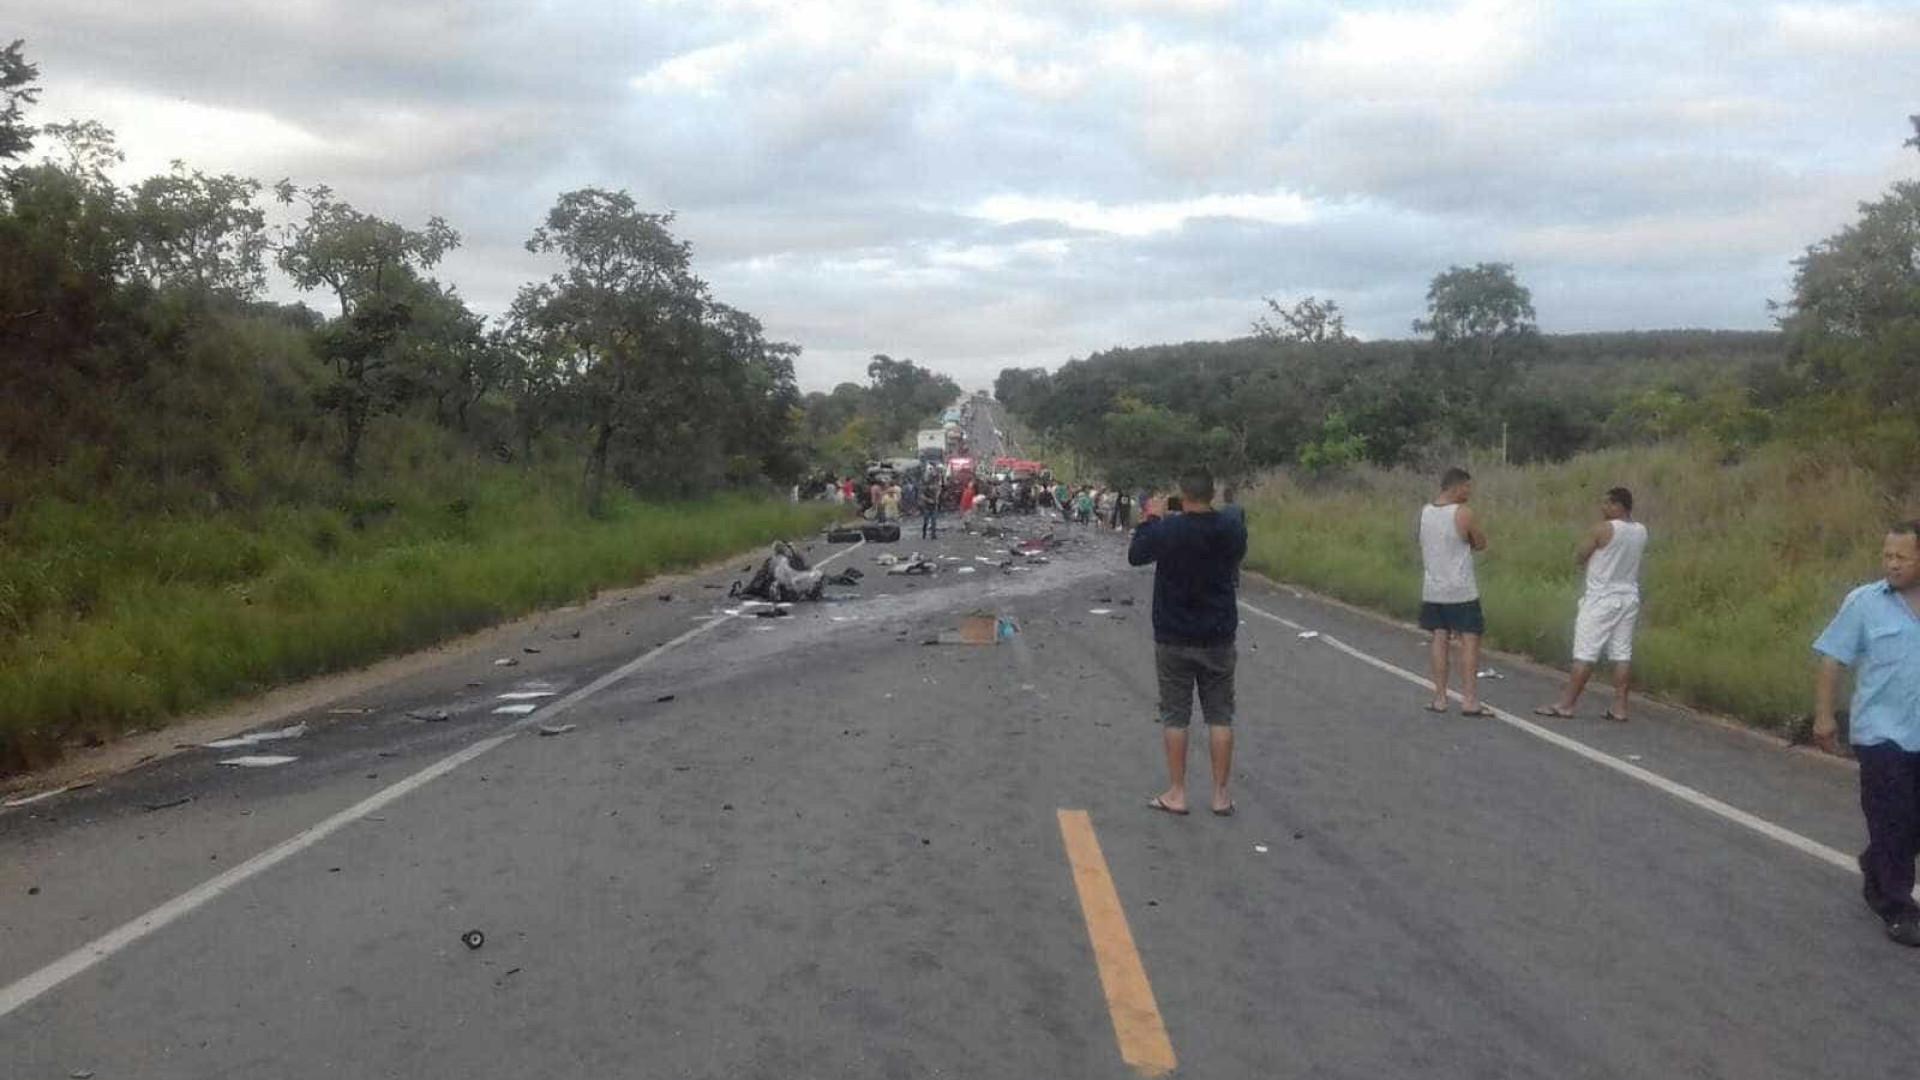 Acidente com vários veículos deixa 13 mortos e 39 feridos na BR-251